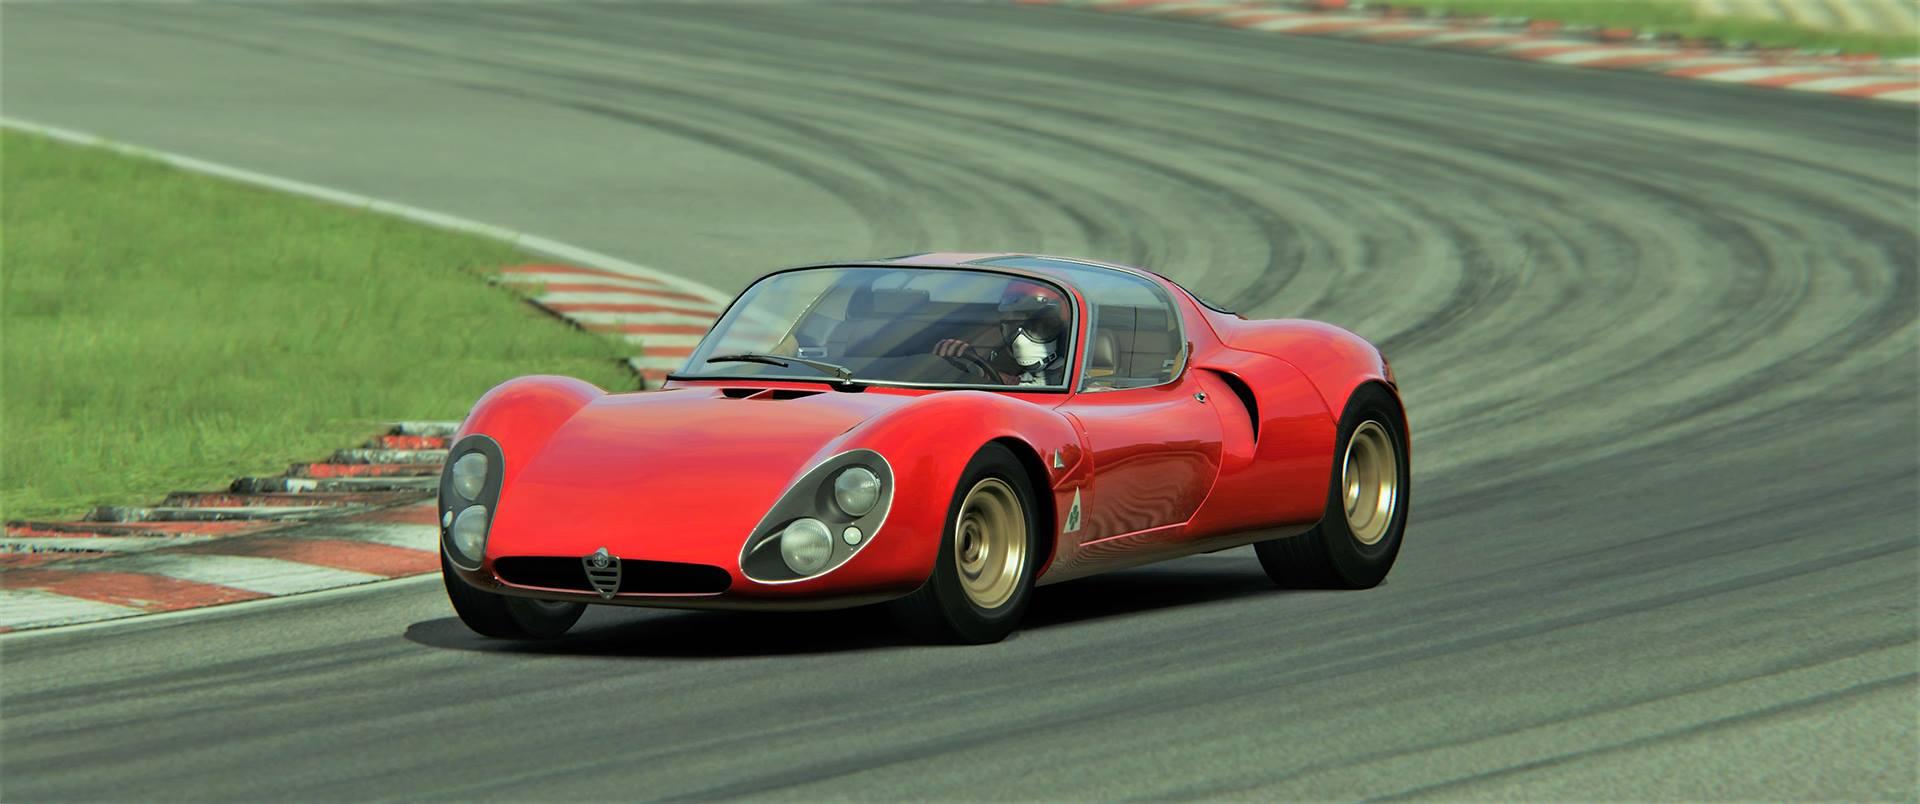 Assetto Corsa Alfa Romeo 33 Stradale 1